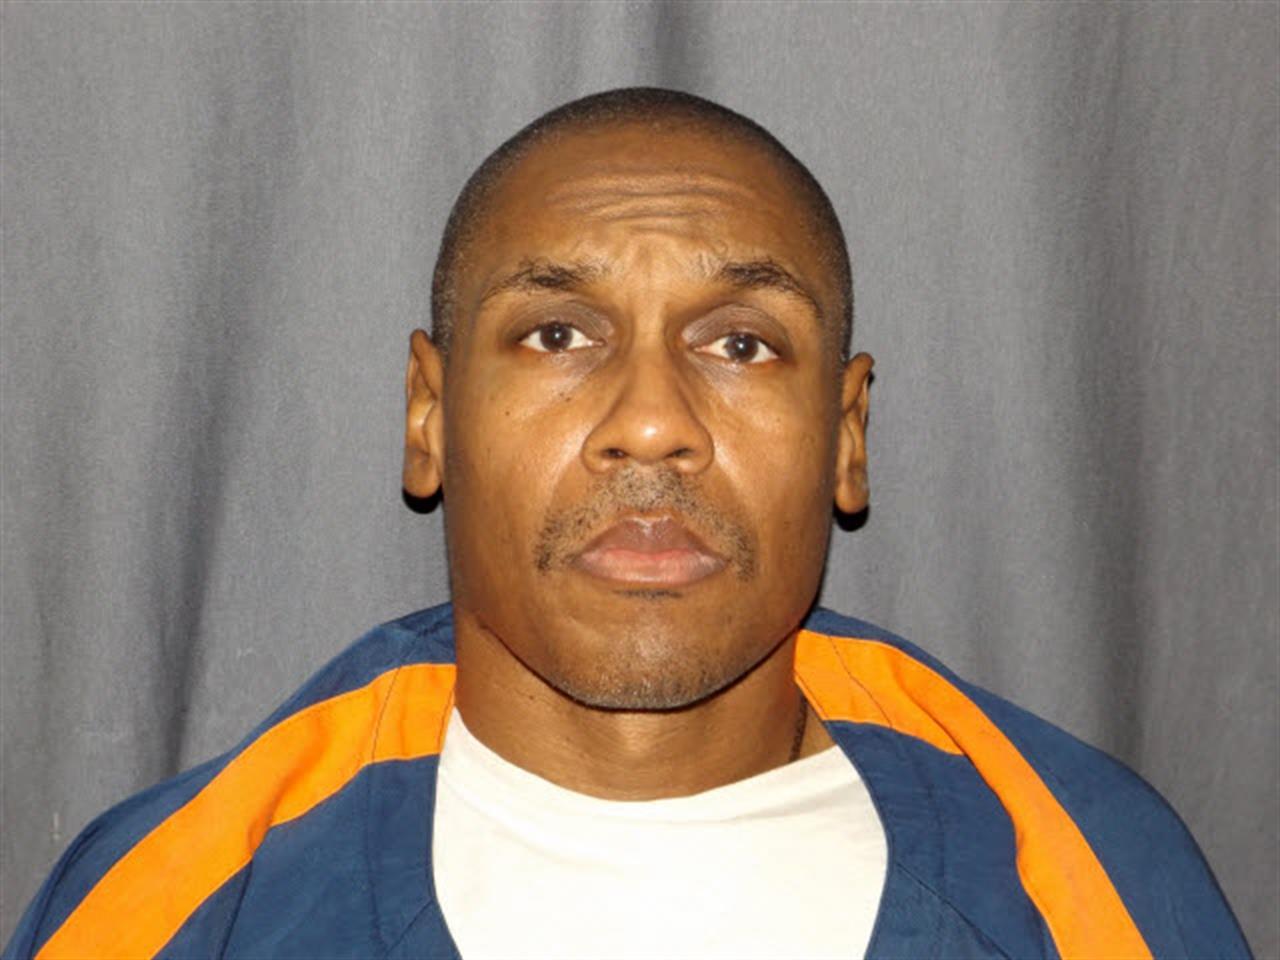 Michigan man's bid to overturn murder convictions halted | AM 1070